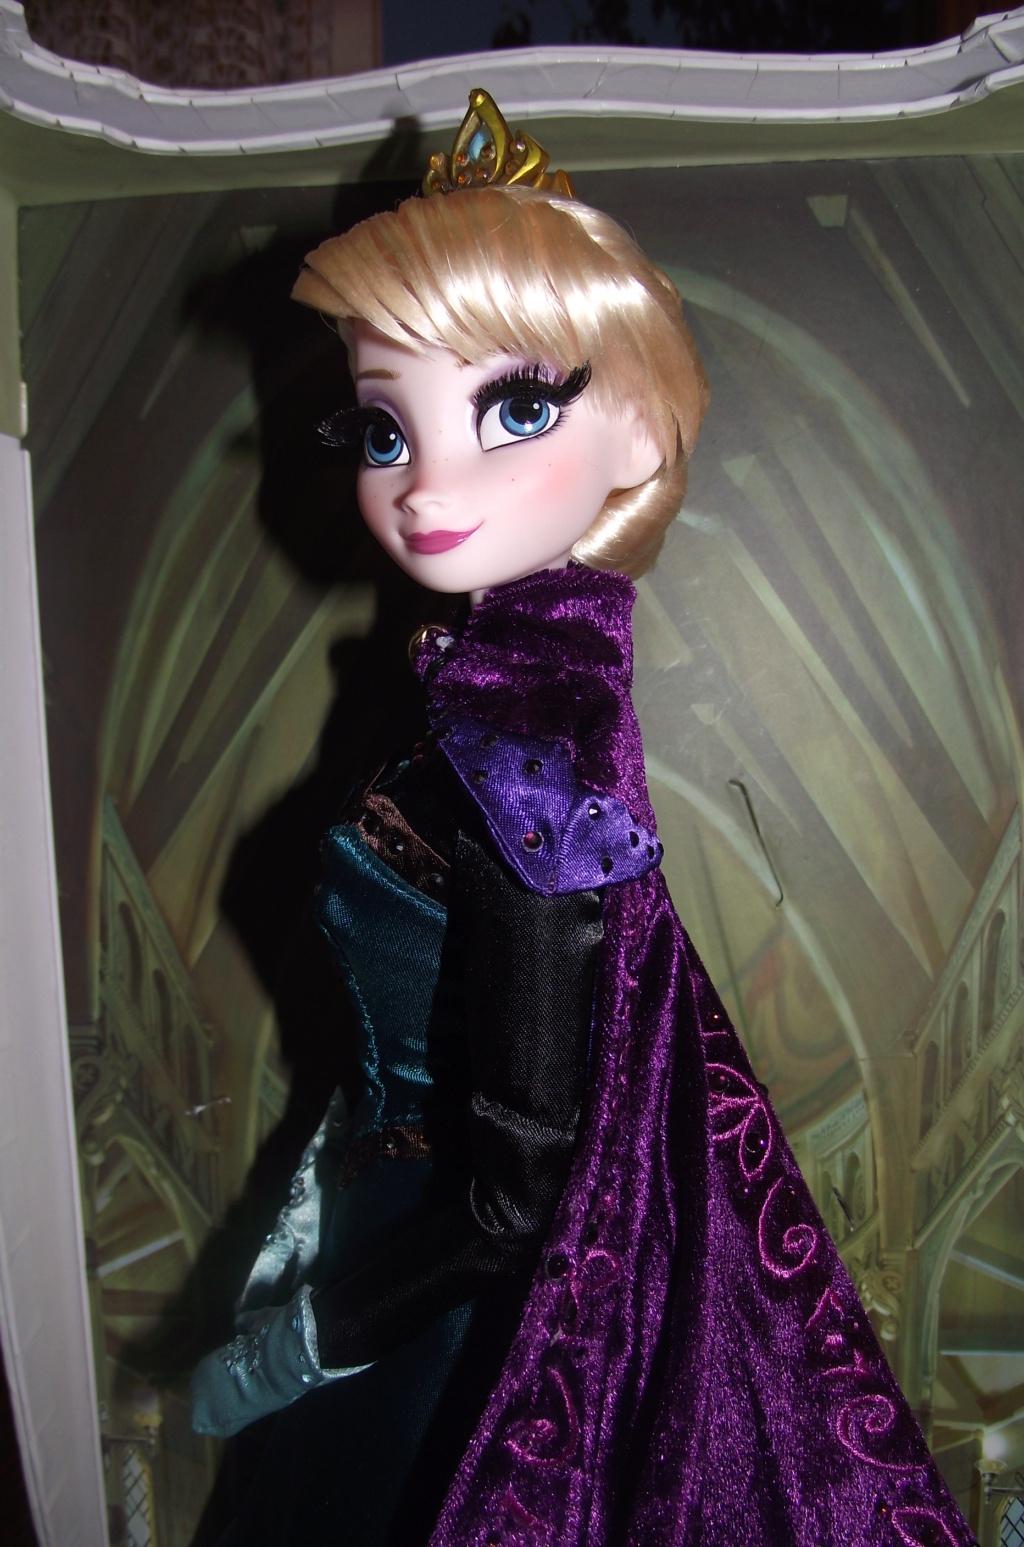 Nos poupées LE en photo : Pour le plaisir de partager - Page 29 Dscf4018